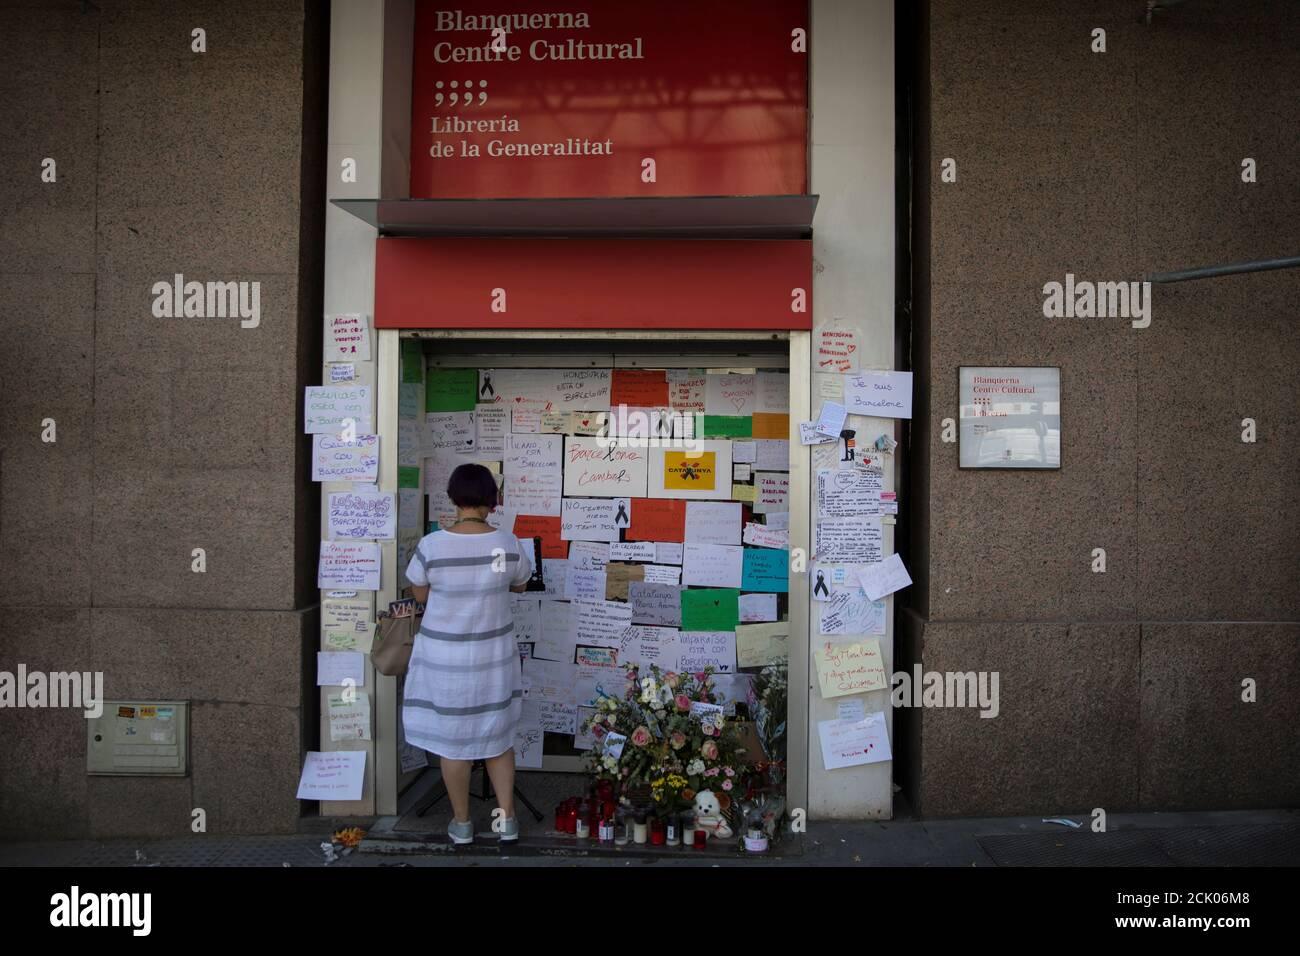 Une femme écrit un message à un mémorial impromptu pour les victimes de l'attaque de Barcelone au Centre culturel Blanquerna à Madrid, Espagne le 21 août 2017. REUTERS/Juan Medina Banque D'Images